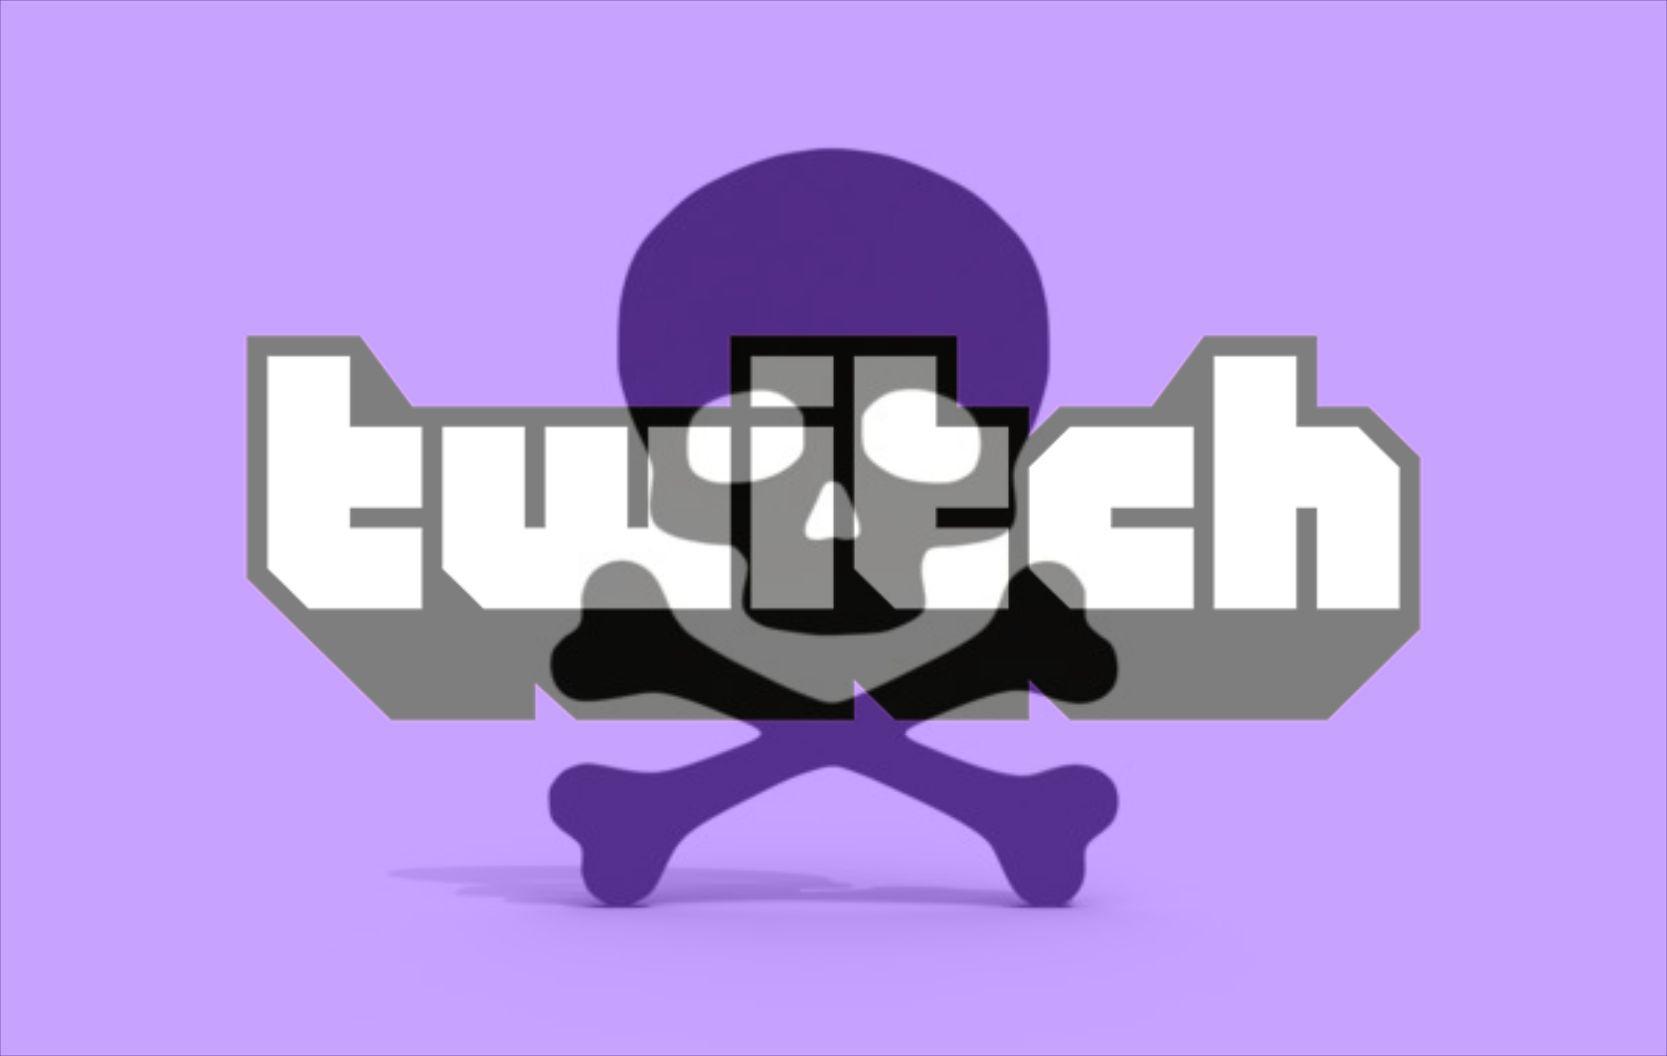 Composición a partir del logo oficial de Twitch